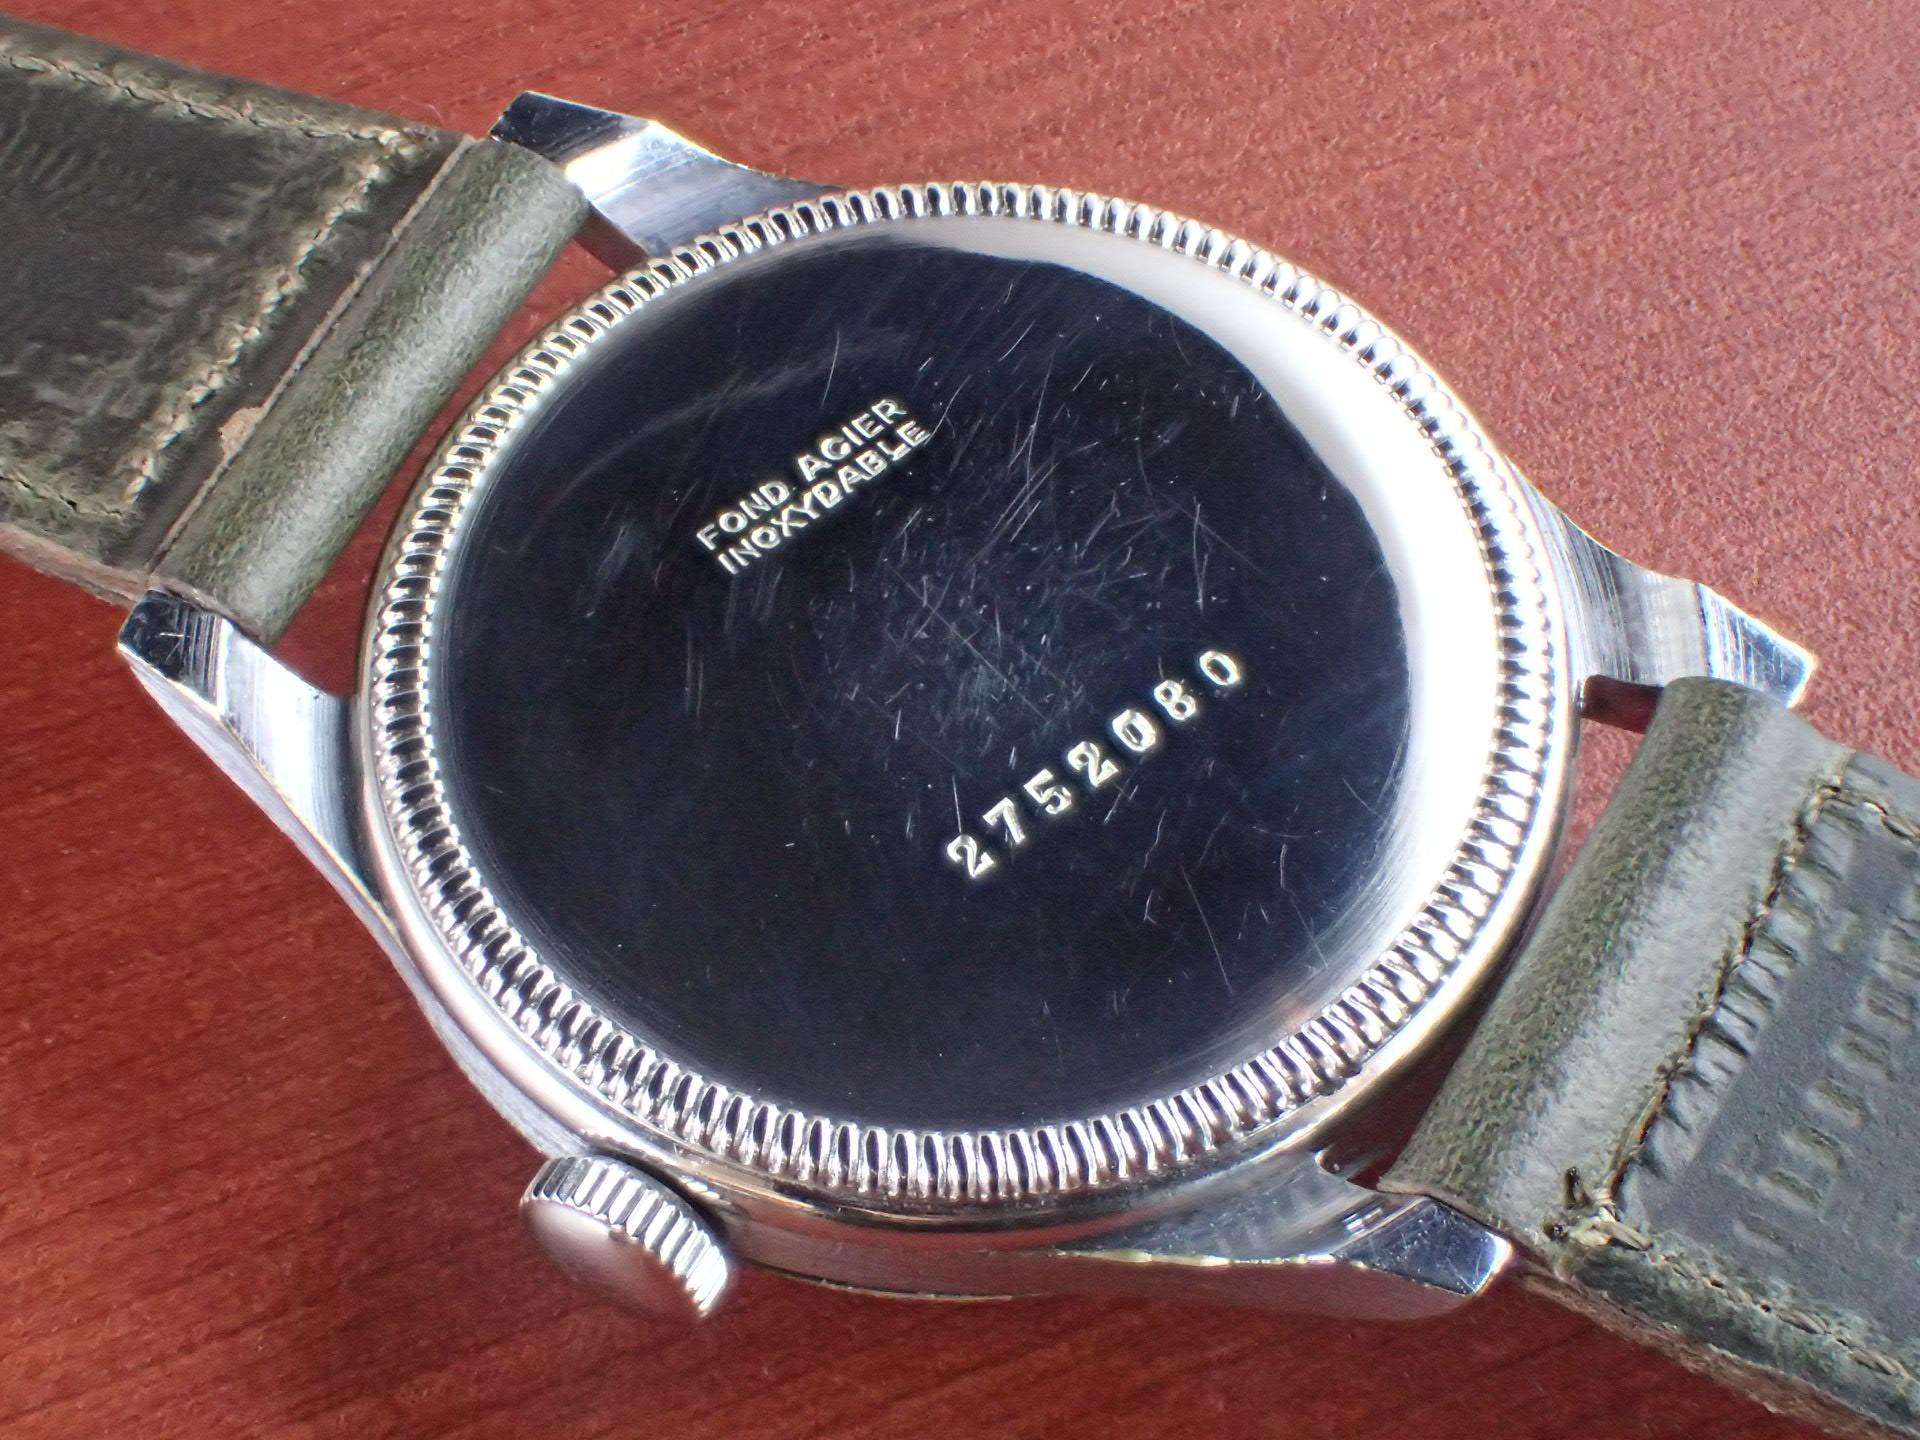 シビタス 3ピースケース スモールセコンド 1930年代の写真4枚目